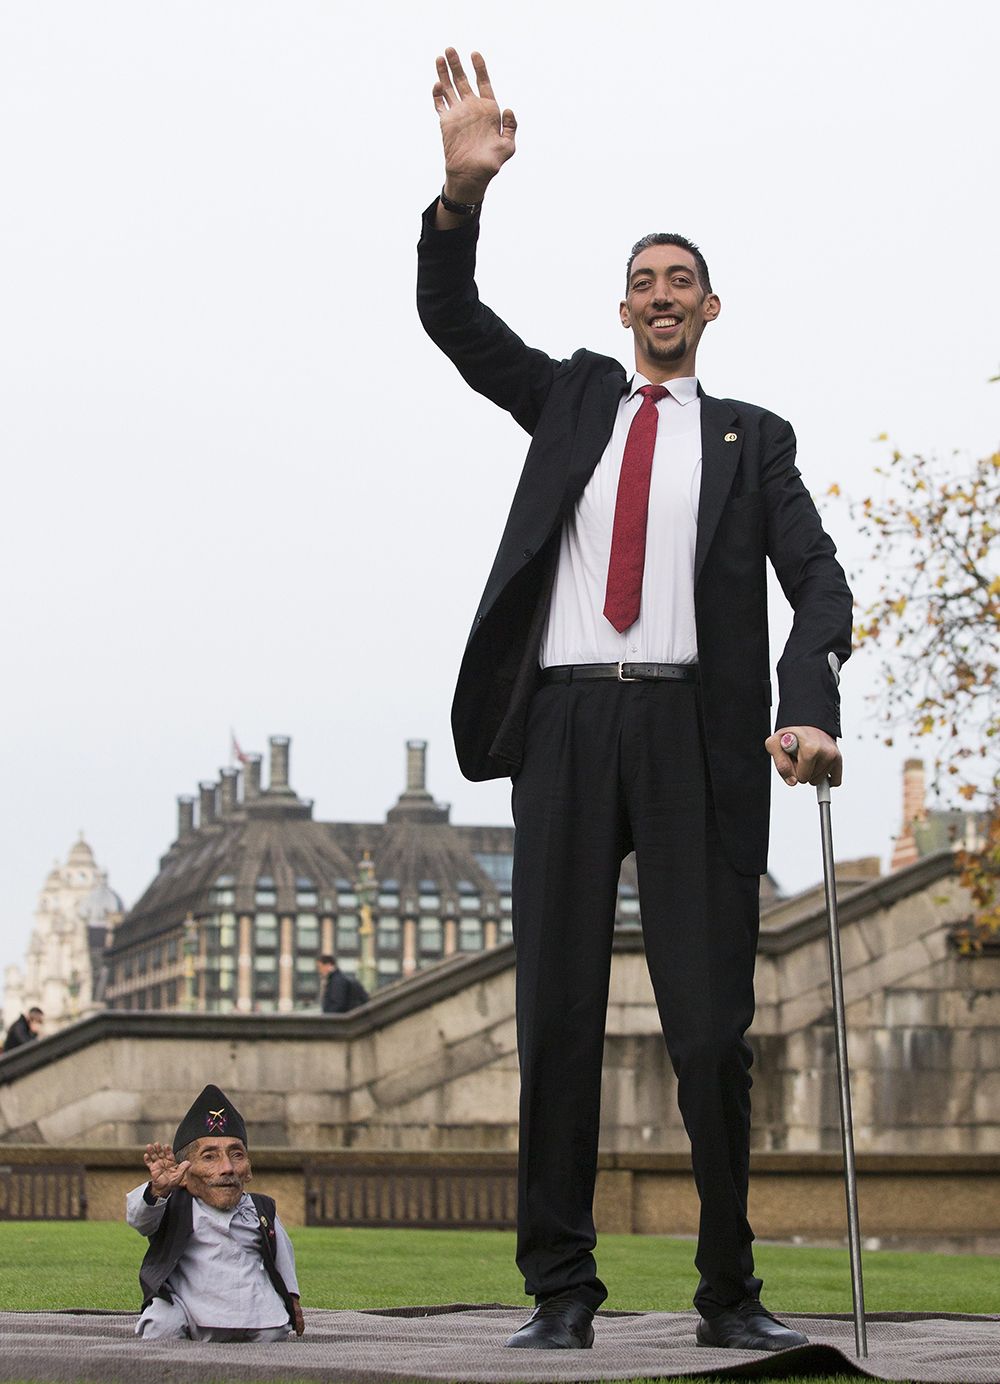 بالصور اطول رجل في العالم , صور لاطول و اغرب رجال العالم كله 2076 3